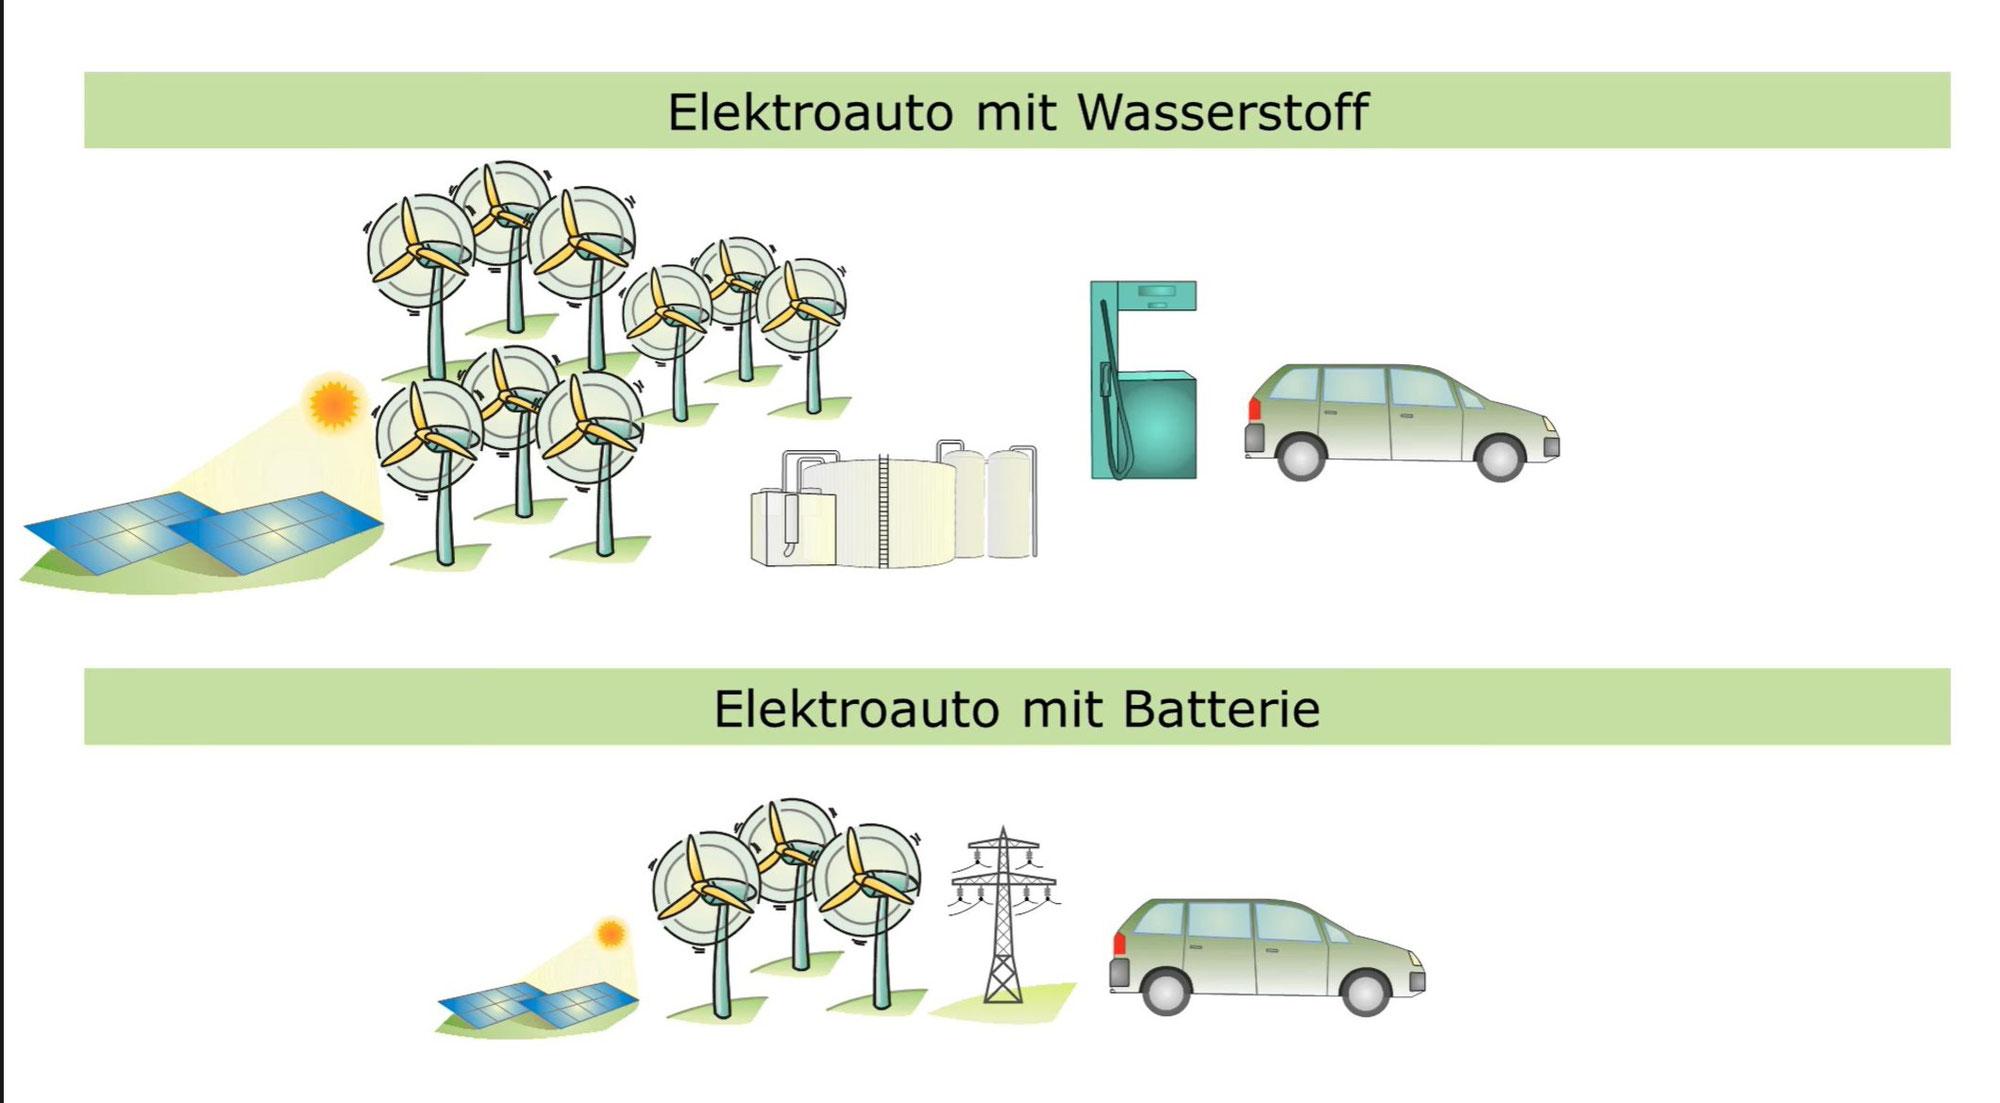 Wasserstoff Autos verbrauchen 3x mehr & eFuels (wie Verbrenner) 6x mehr Energie als eAutos und die Naturstrom KEV/EVS Förderung dafür ist entsprechend teurer!